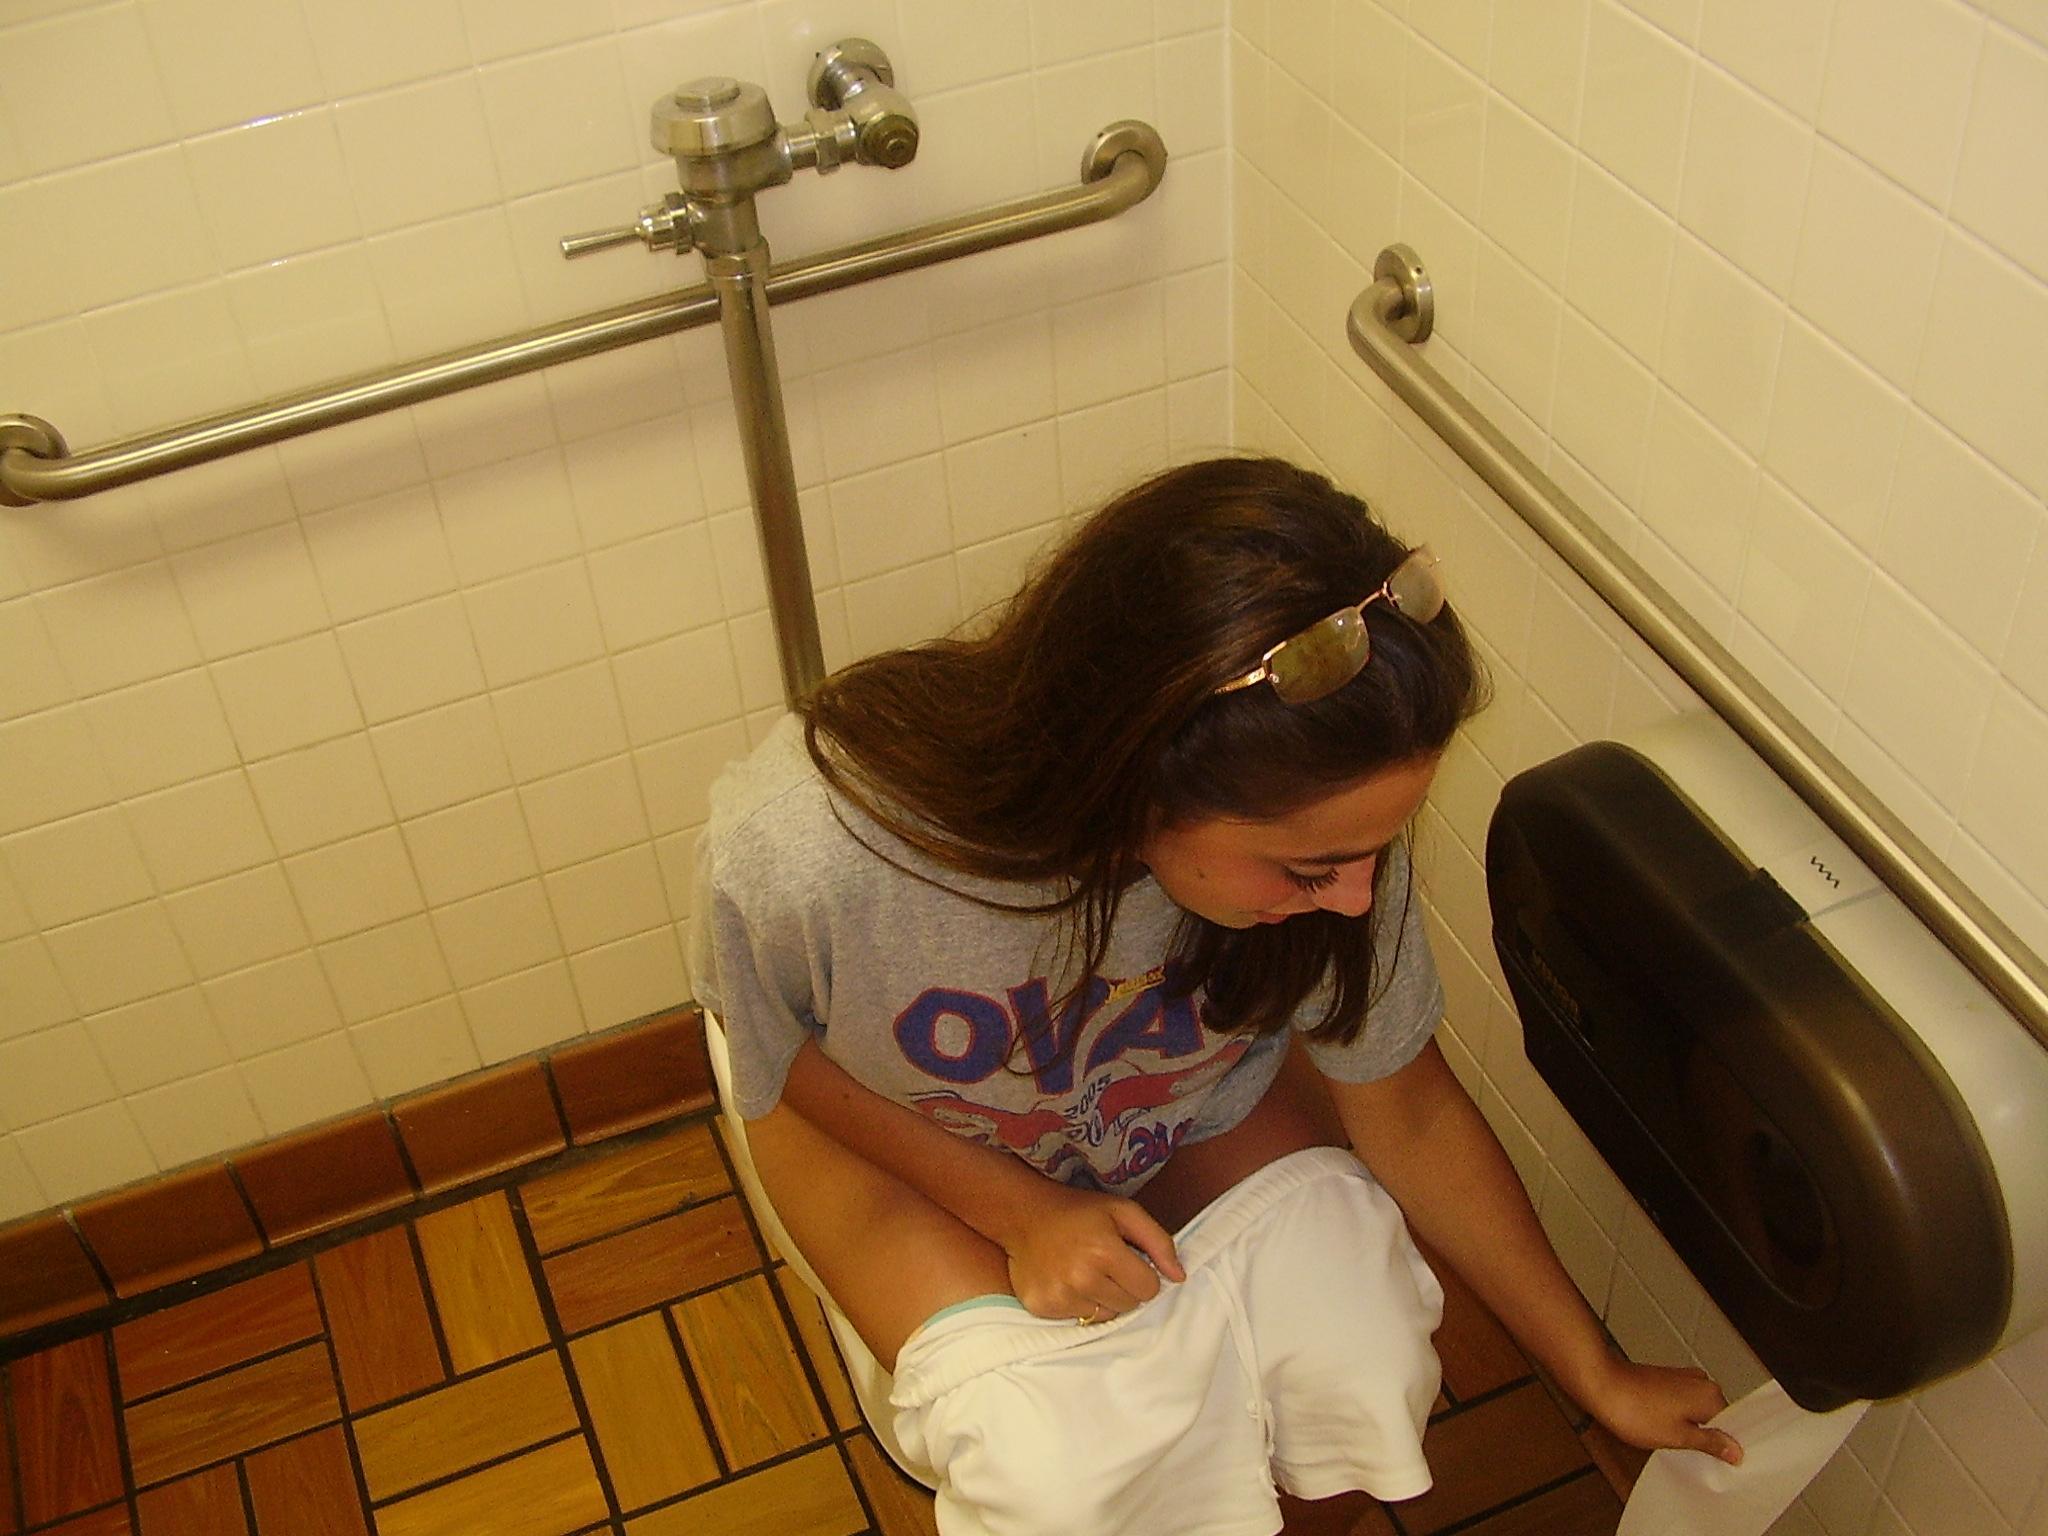 Что делает девушка в туалете, Один день в женском туалете 13 фотография